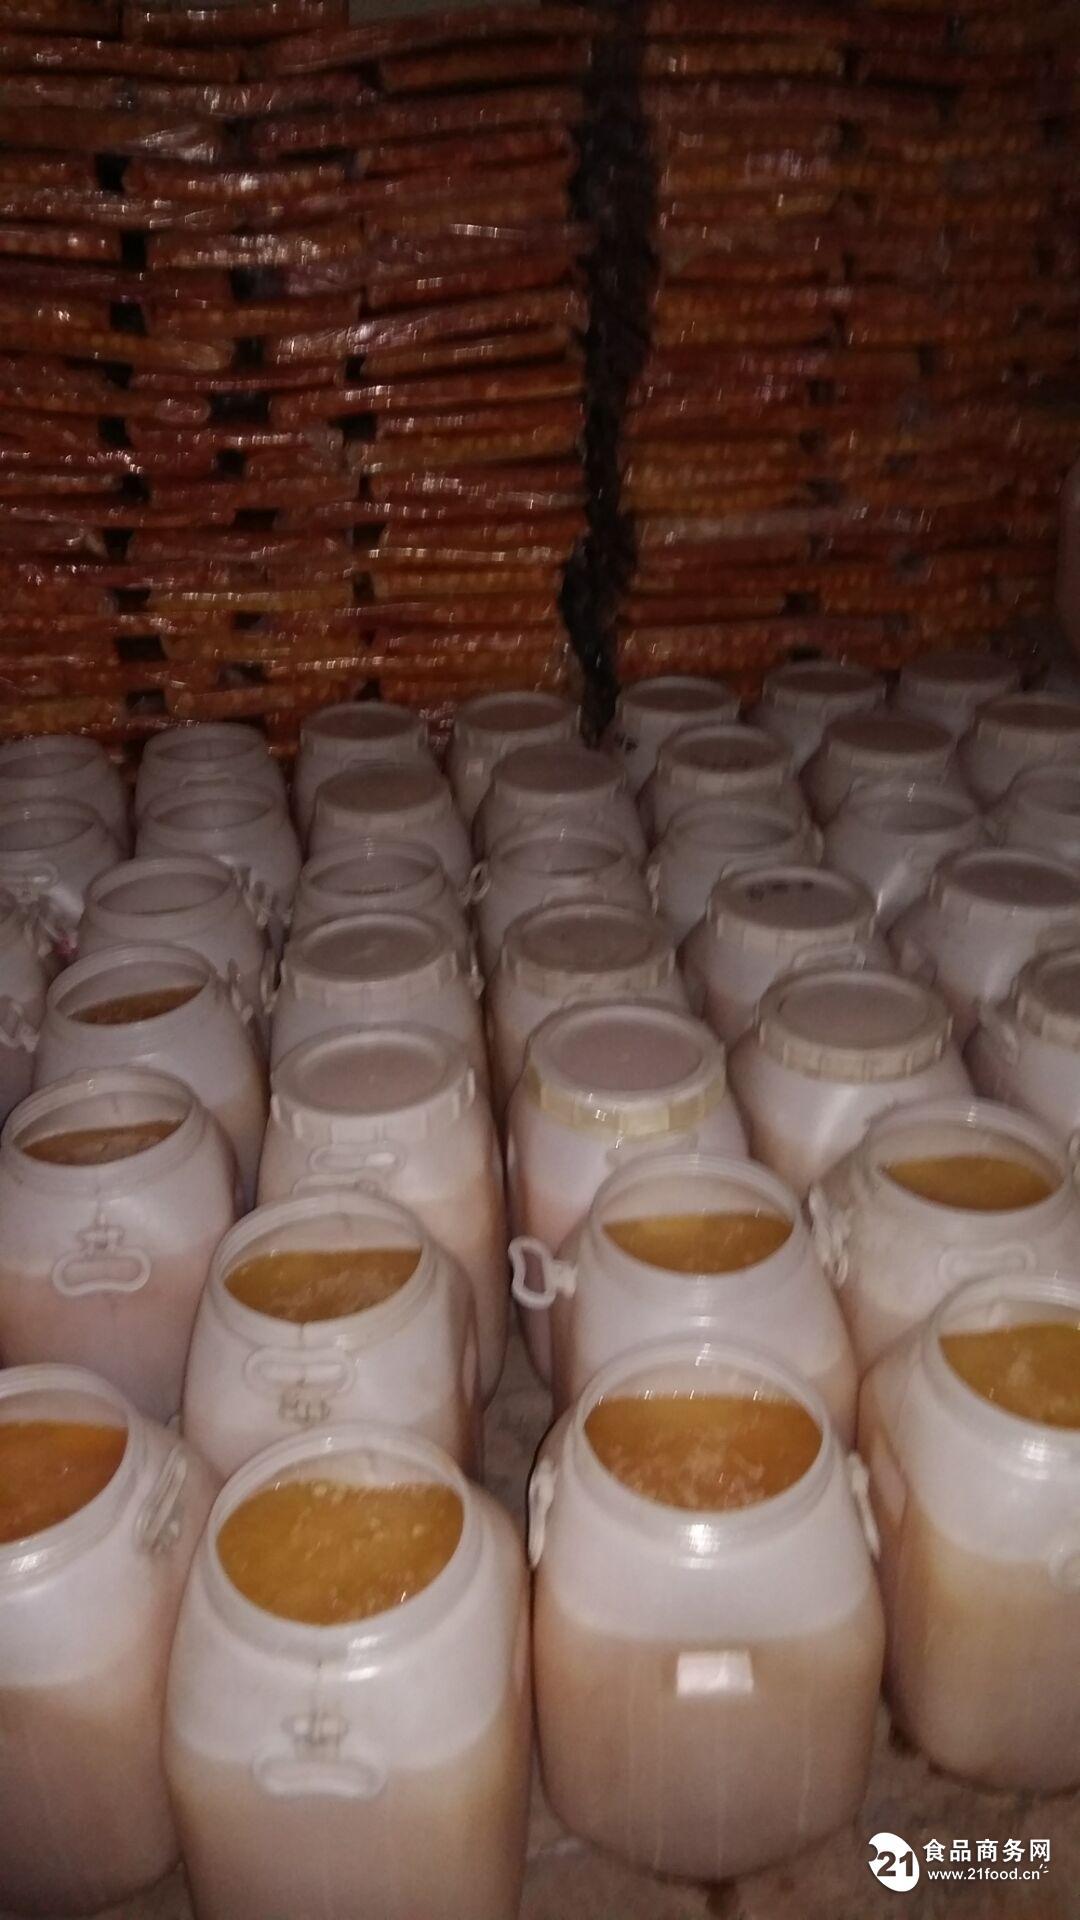 山西蛋清液生产厂家